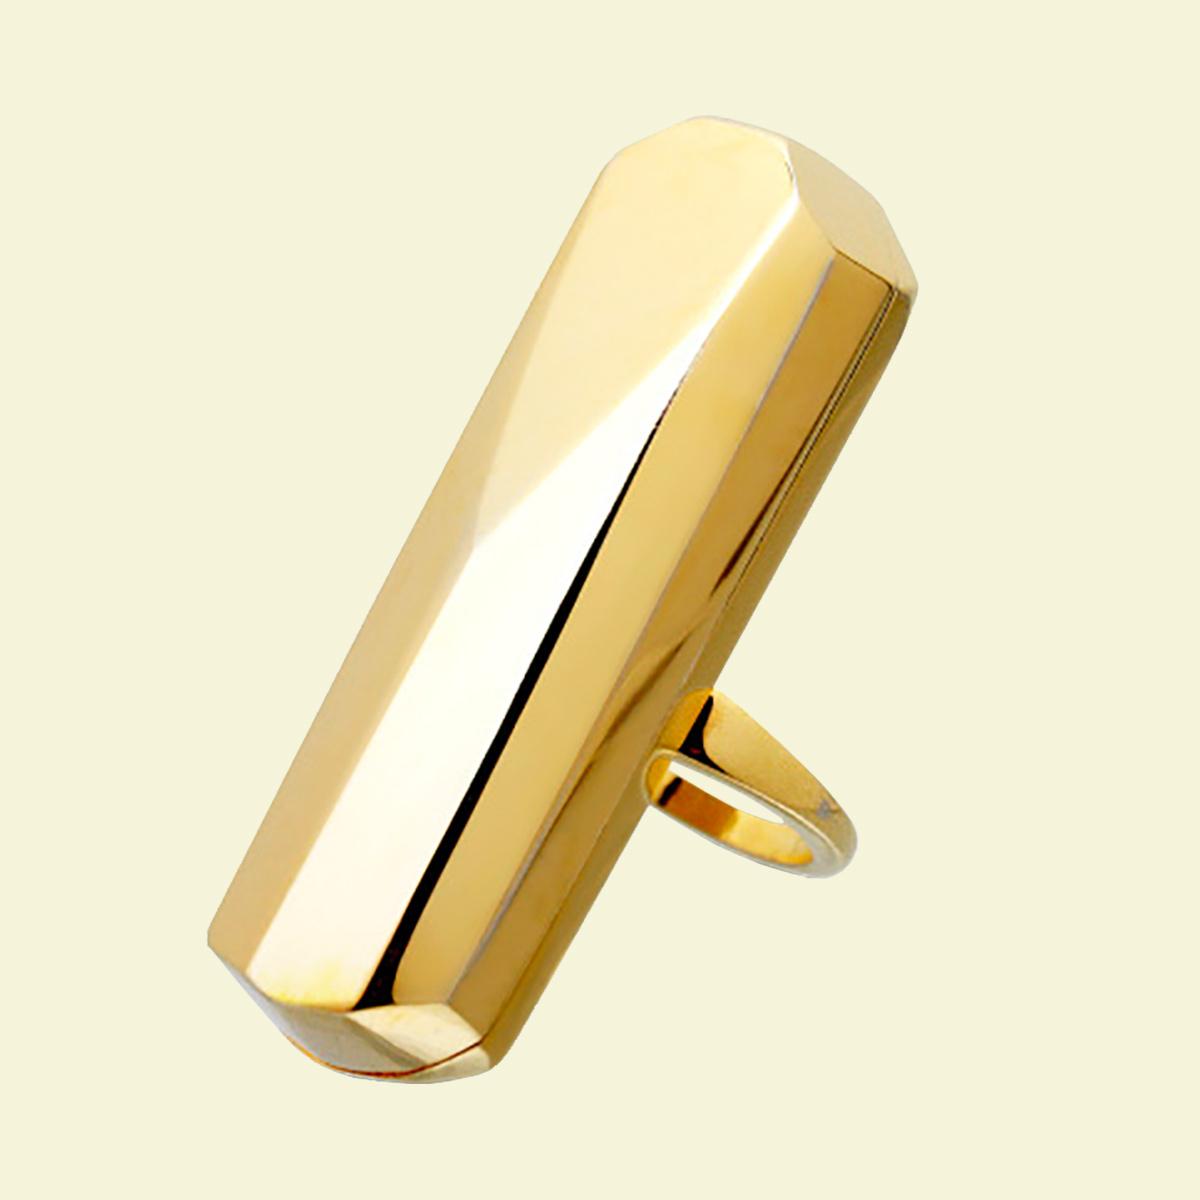 【Palma】まるで指輪のようなバイブレーター